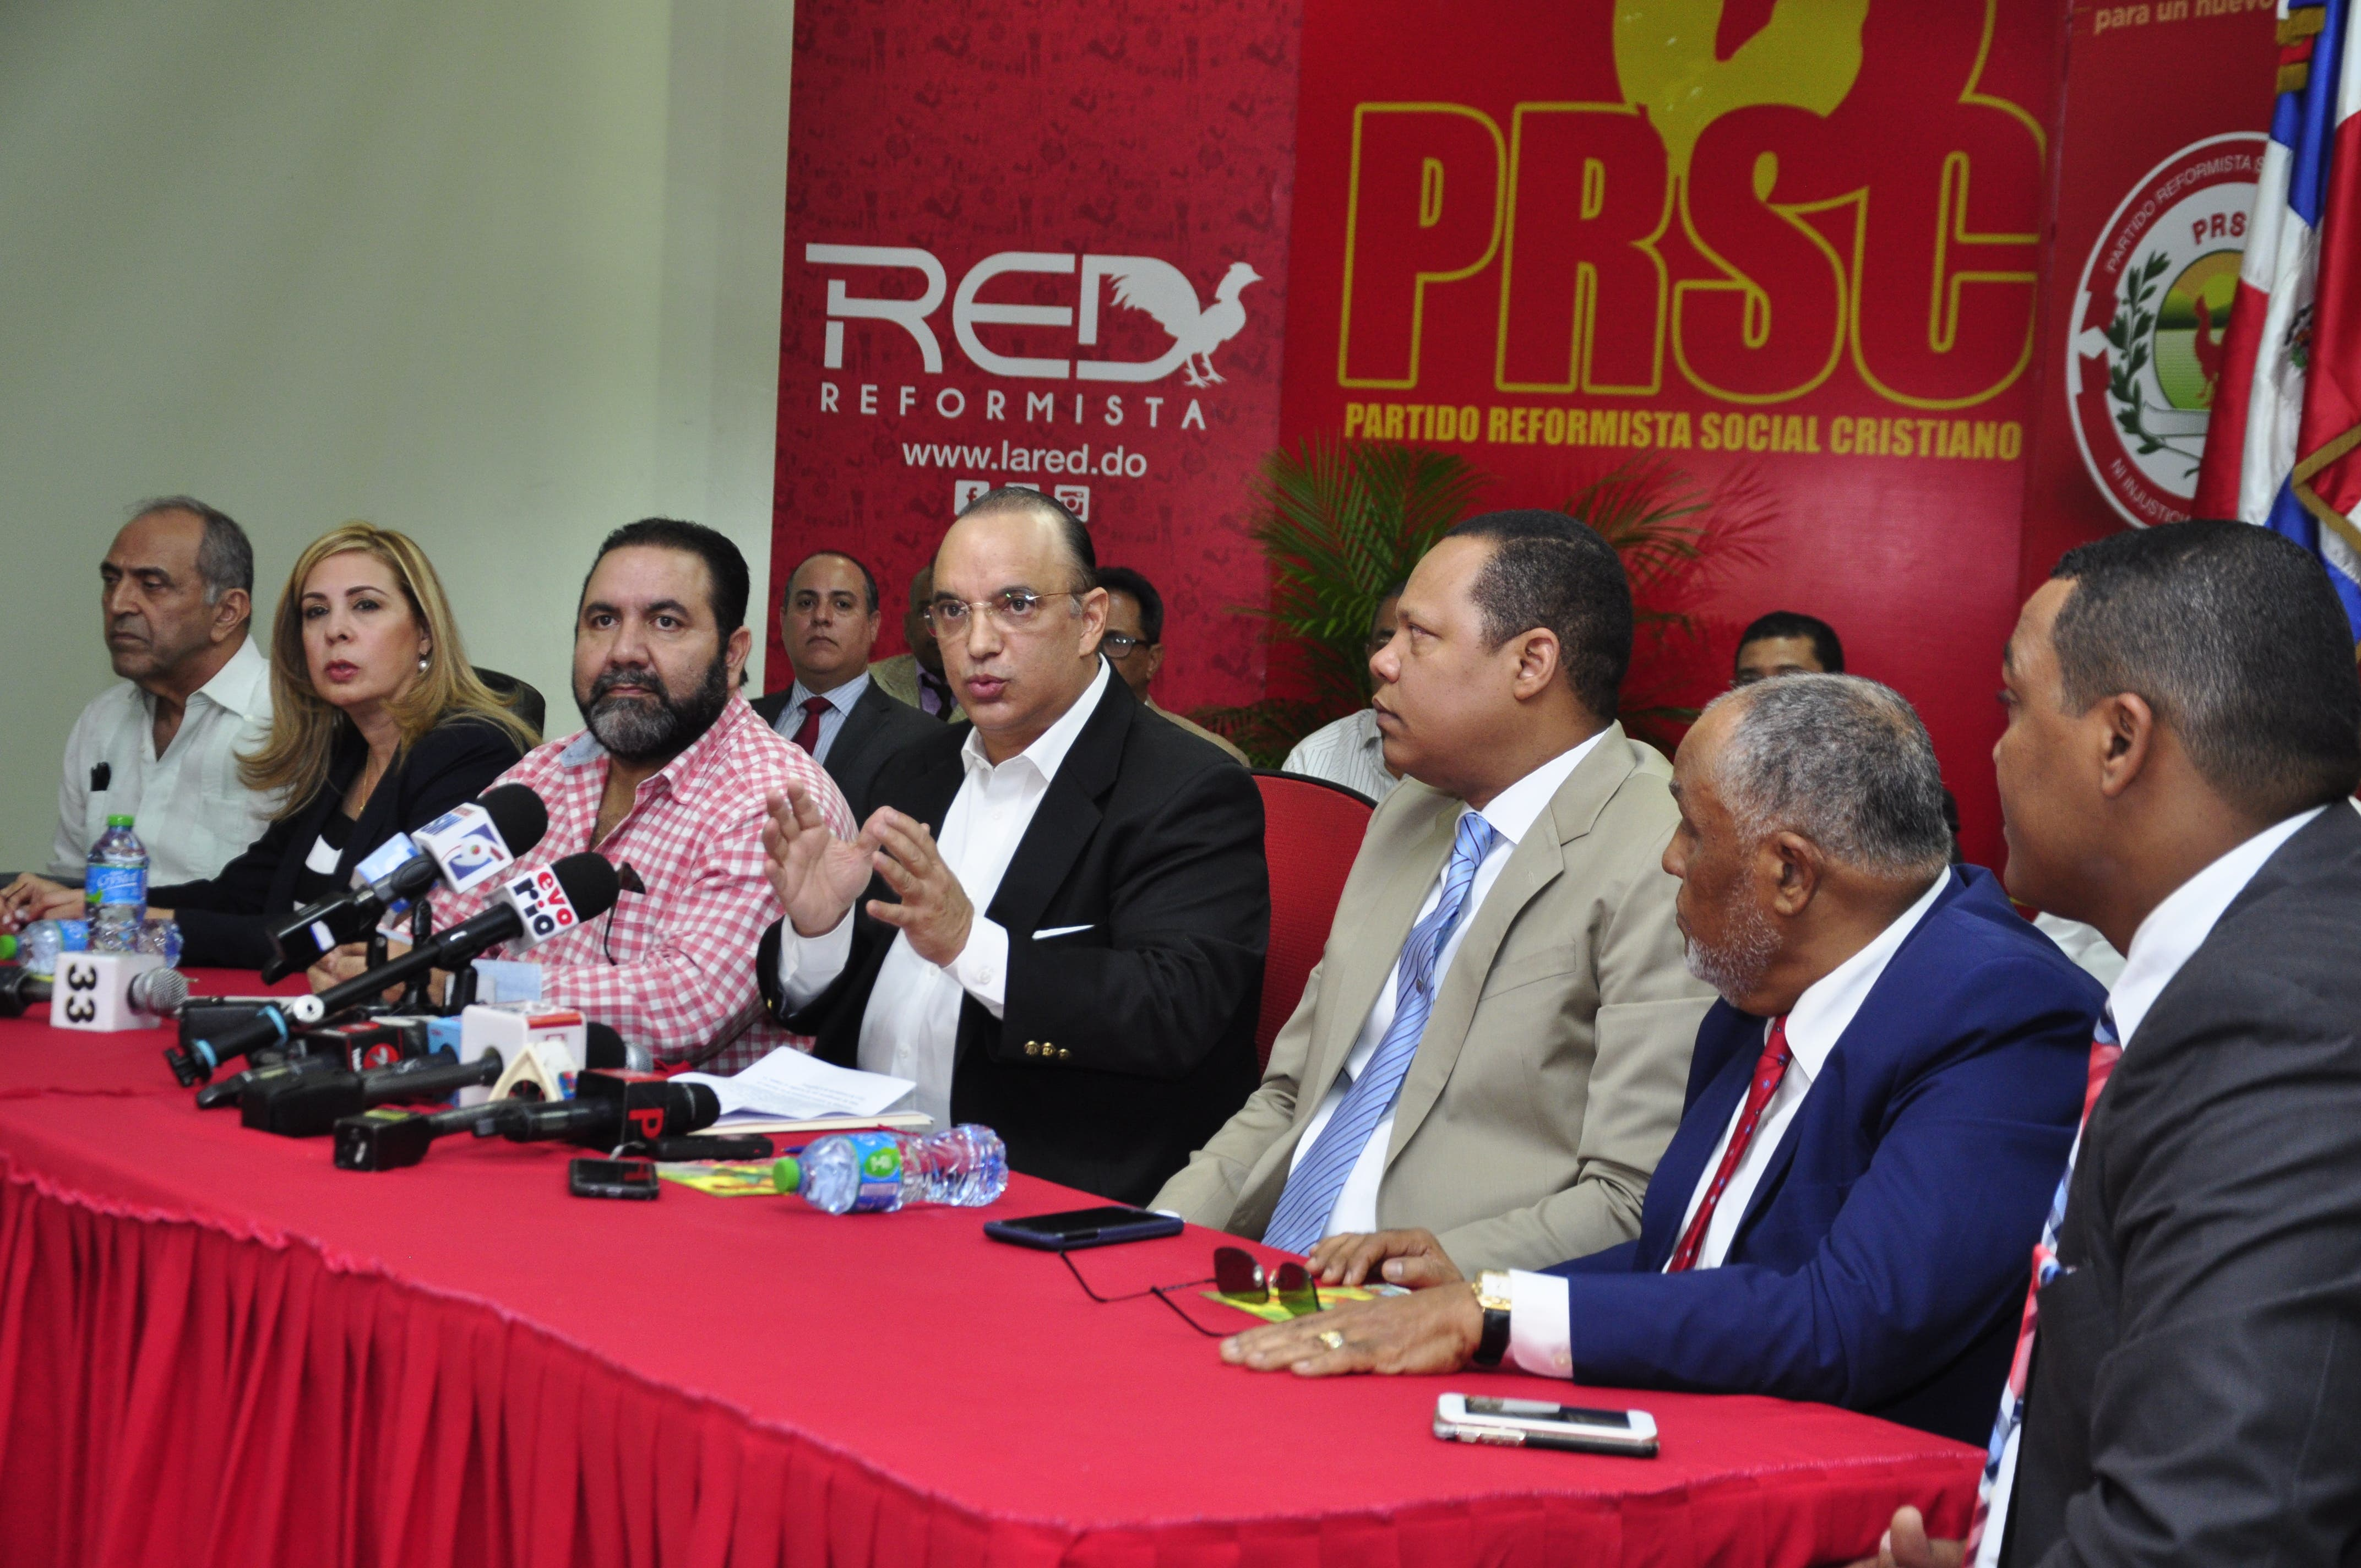 La decisión del TSE sobre asamblea eligió a Quique Antún presidente PRSC